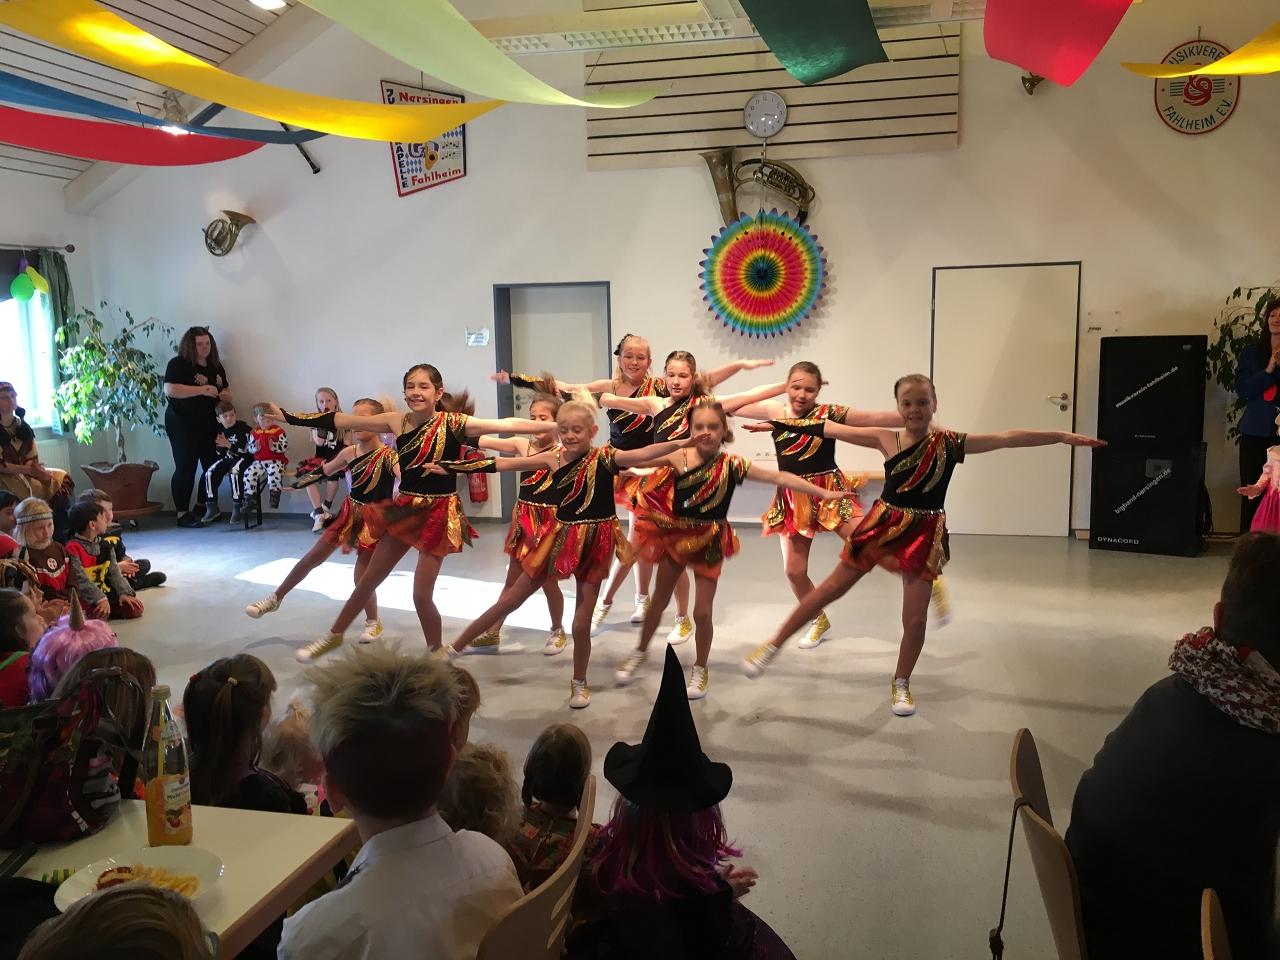 Die Kindershowtanzgruppe des Faschingsvereins Offonia